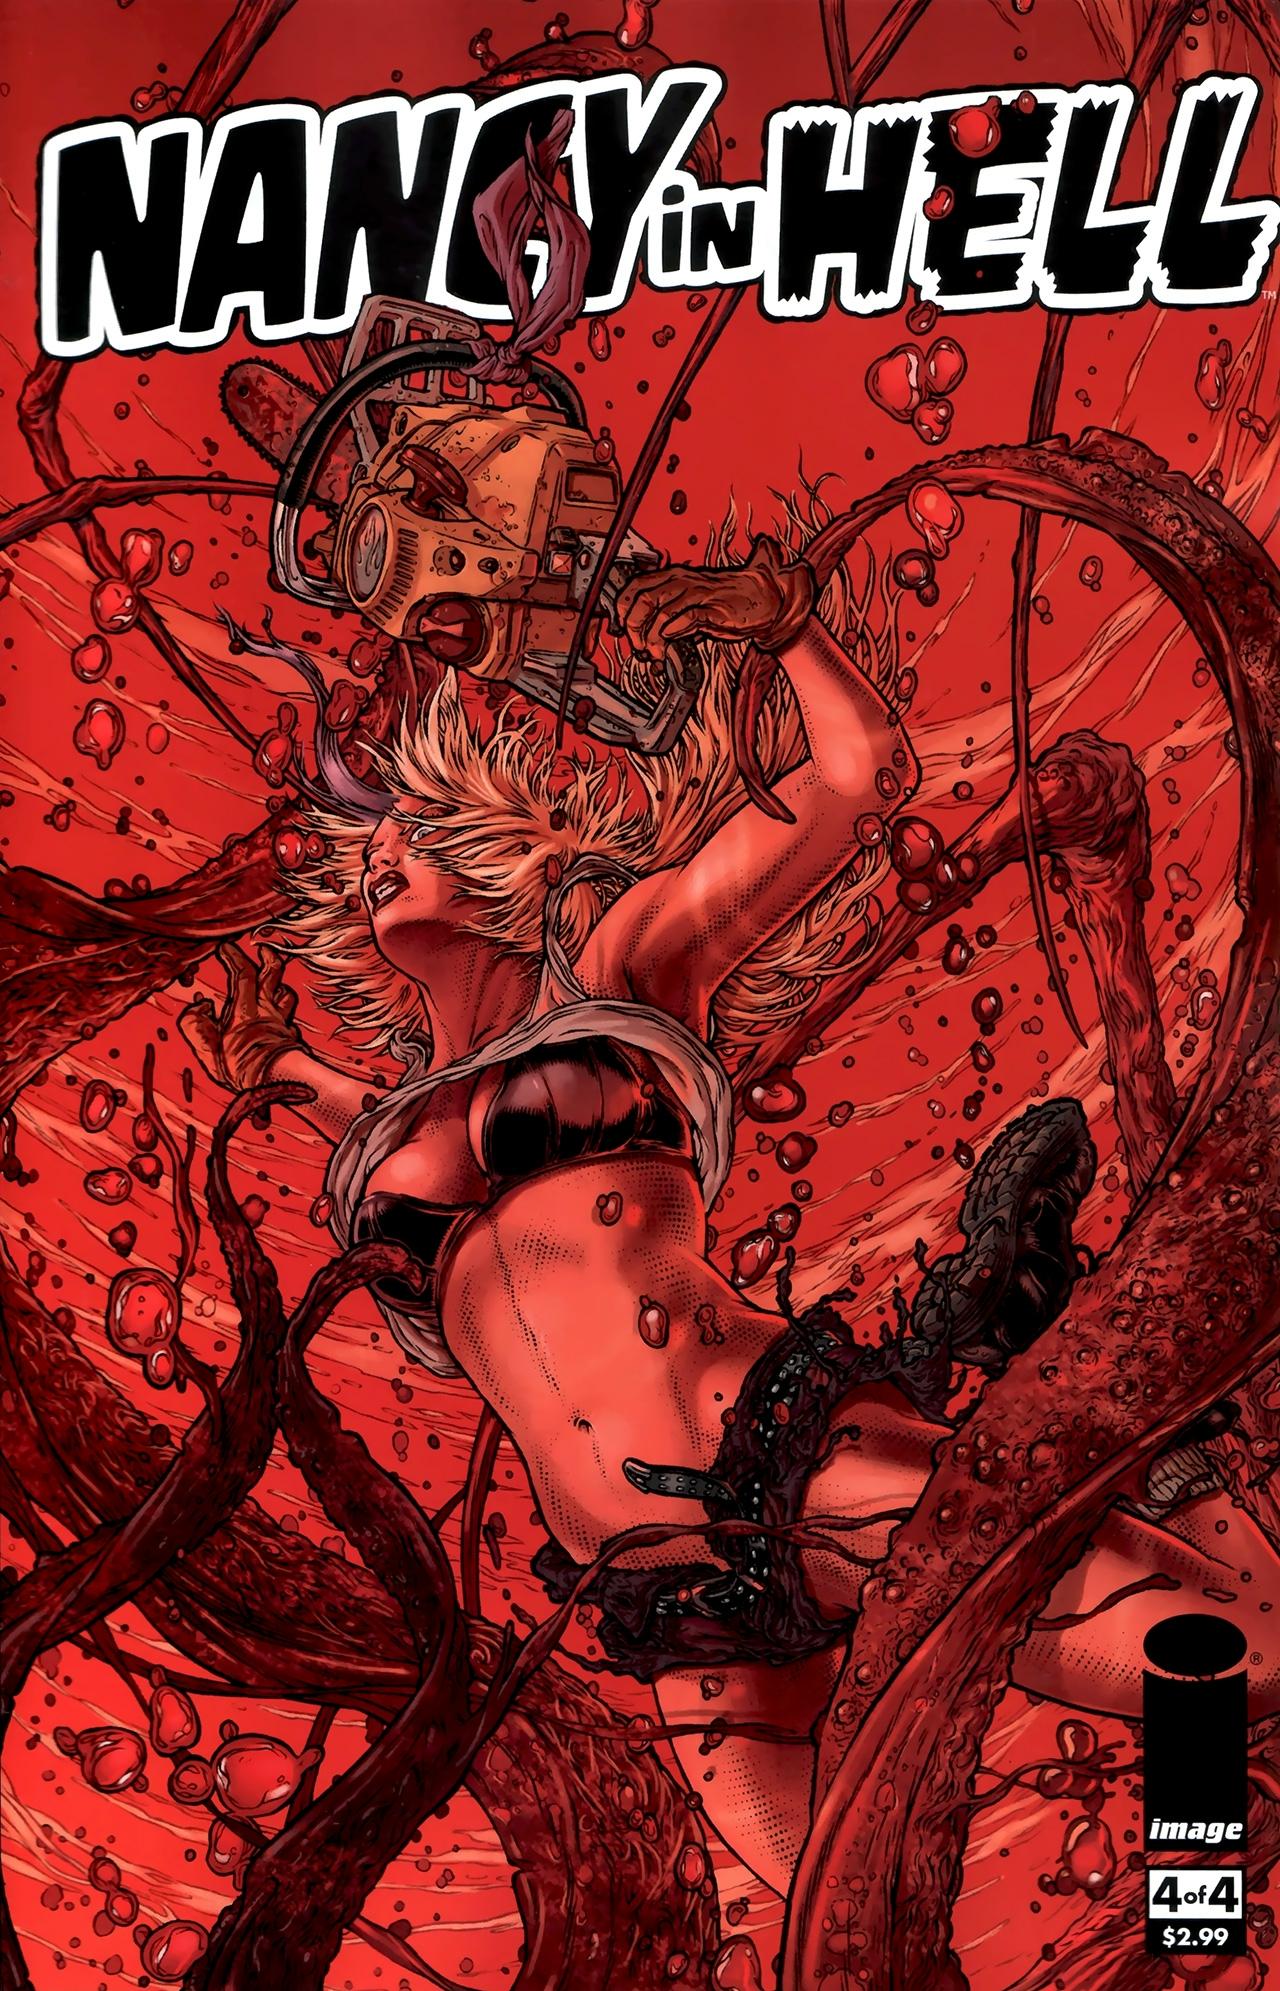 Nancy in Hell Vol 1 4